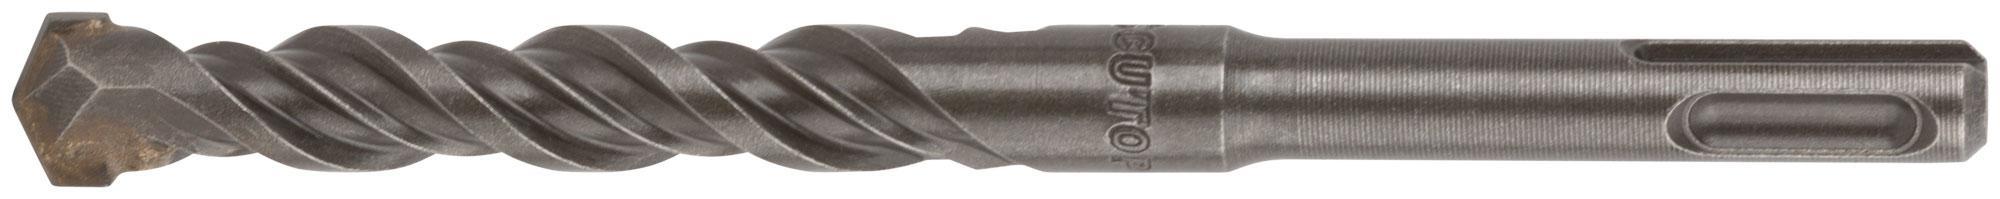 Бур Cutop 40-14160